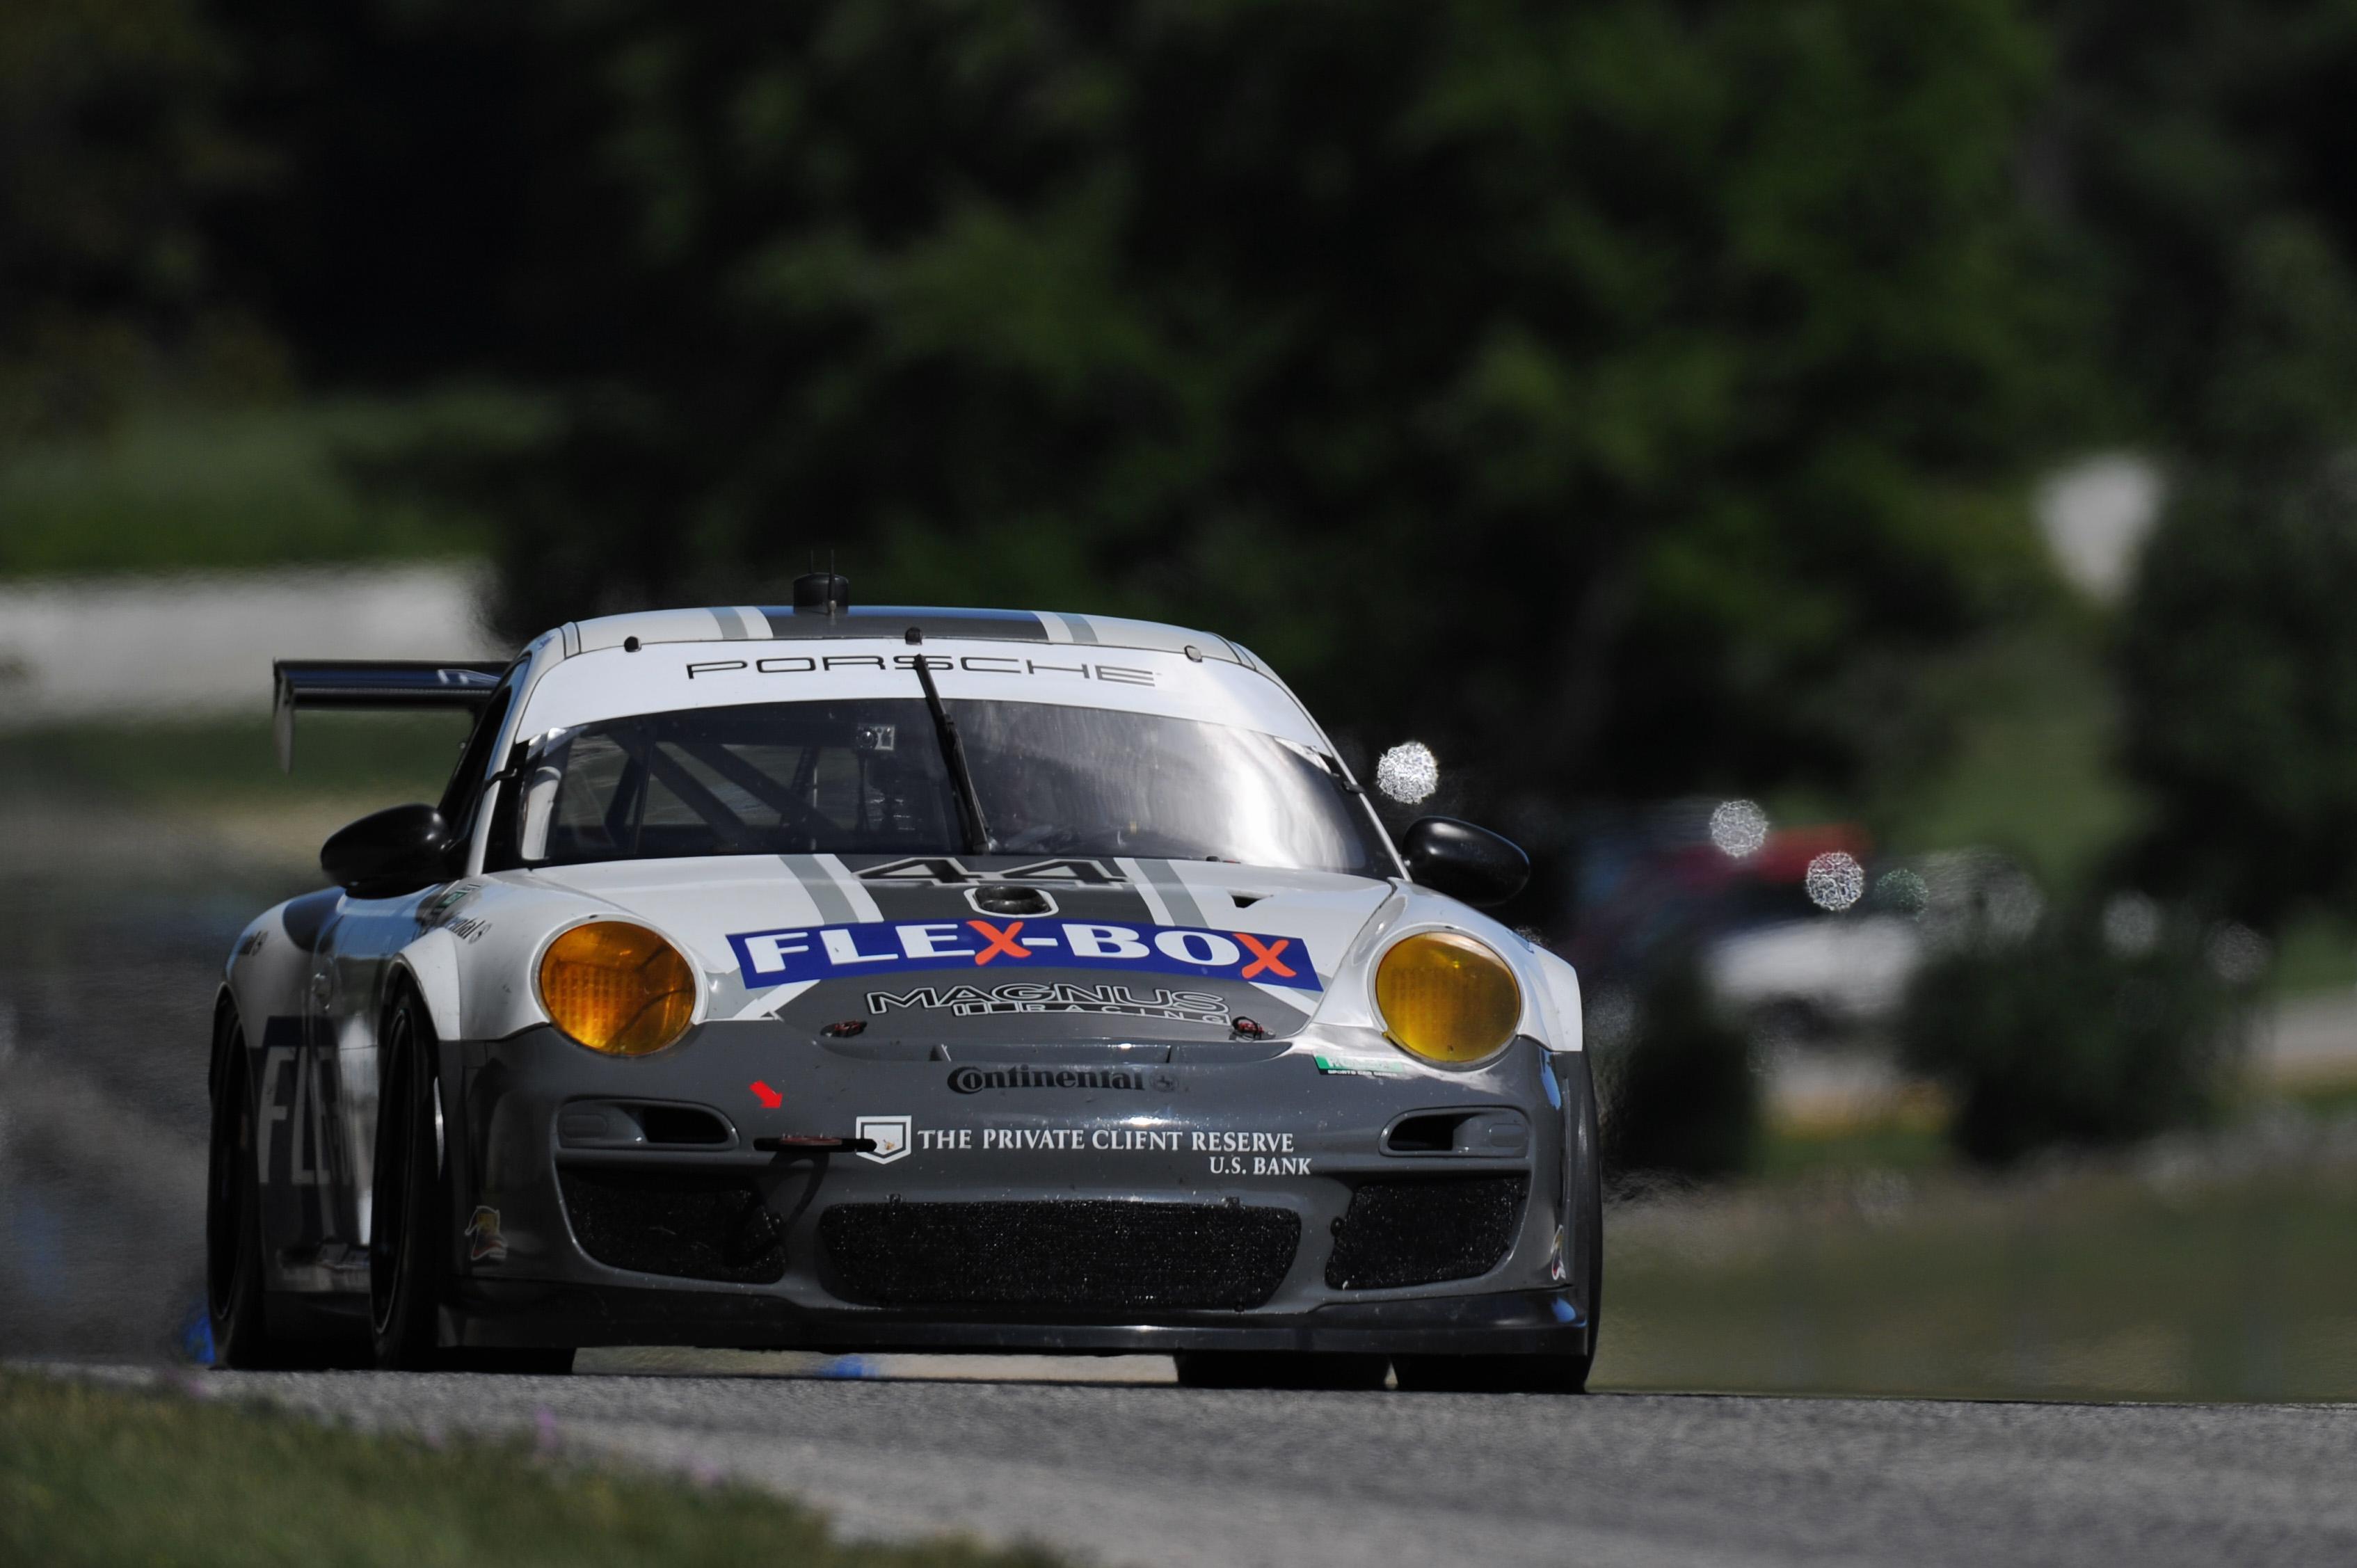 magnus racing cars for sale porsche 911 gt3 cup 997. Black Bedroom Furniture Sets. Home Design Ideas